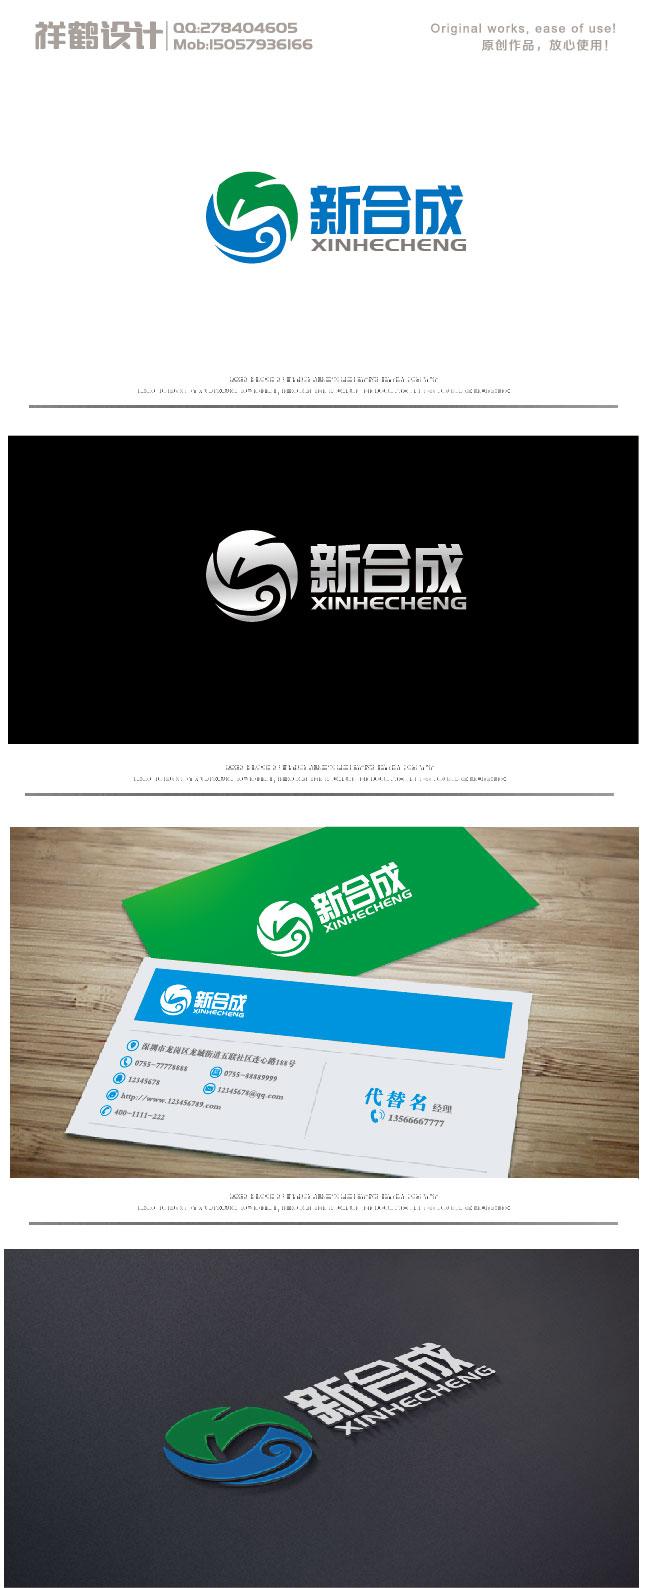 设计LOGO、公司名称字体及名片_3027164_k68威客网